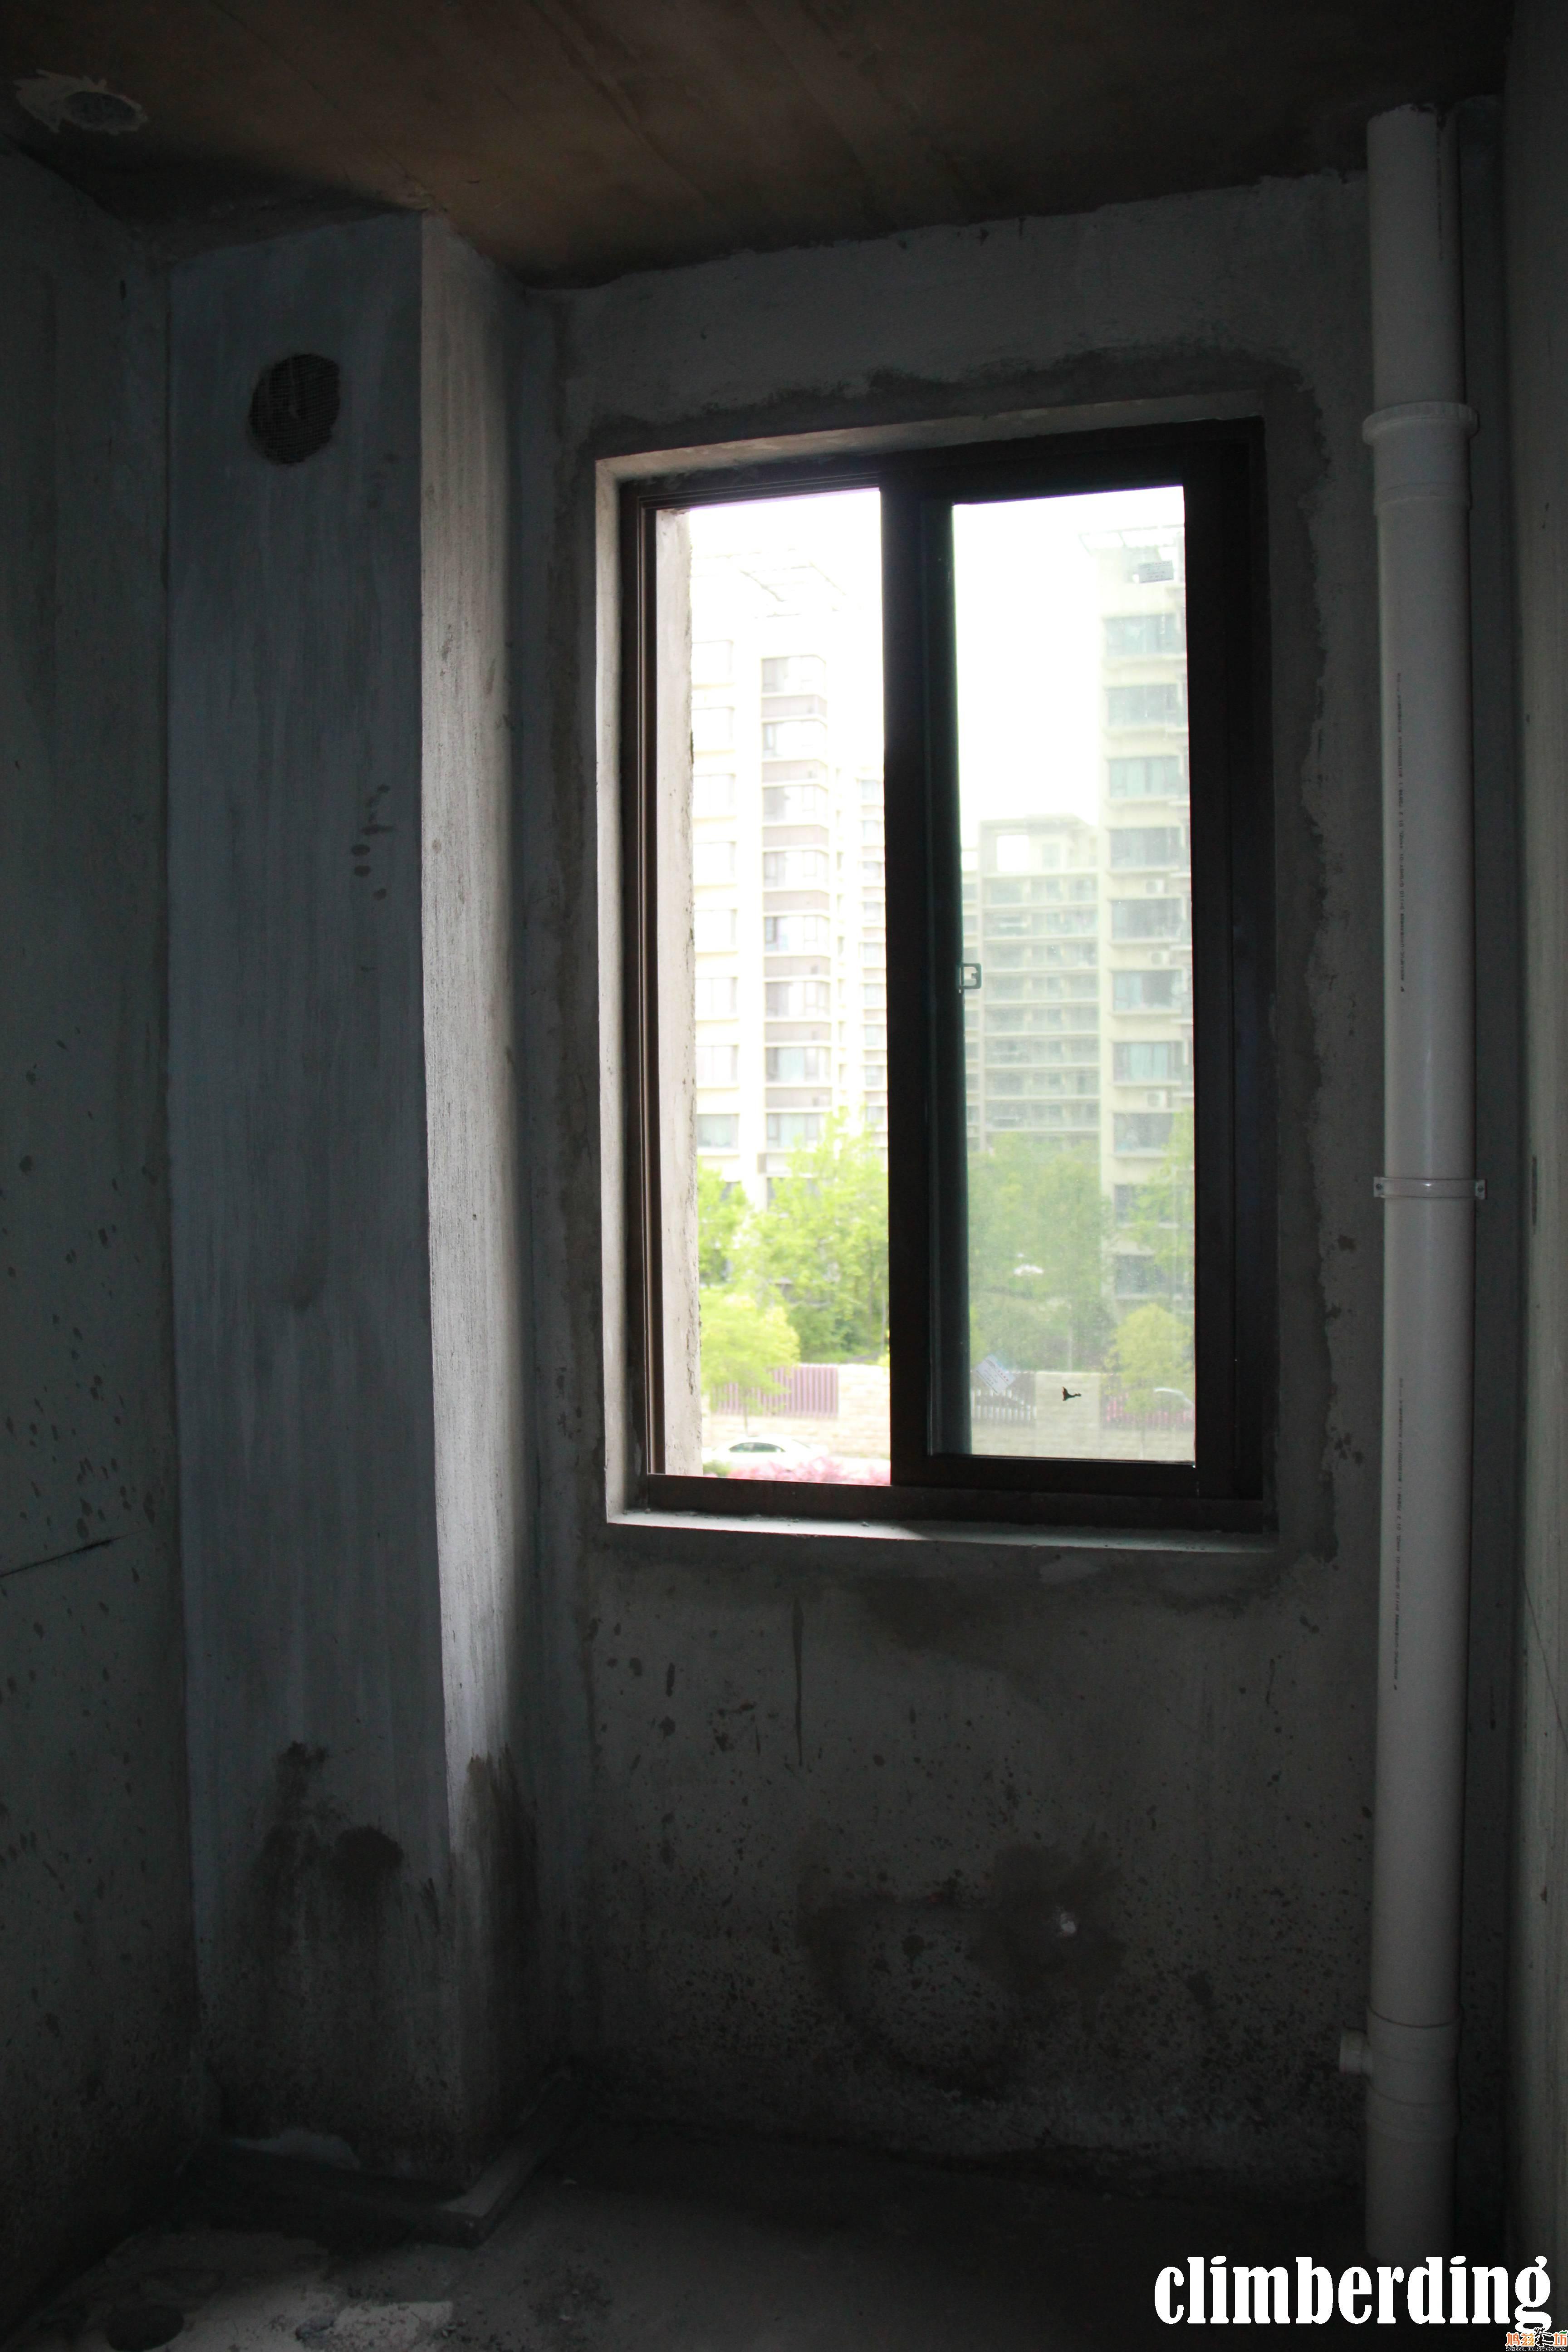 厨房,有个烟道的拐角,不太好设计装修啊!